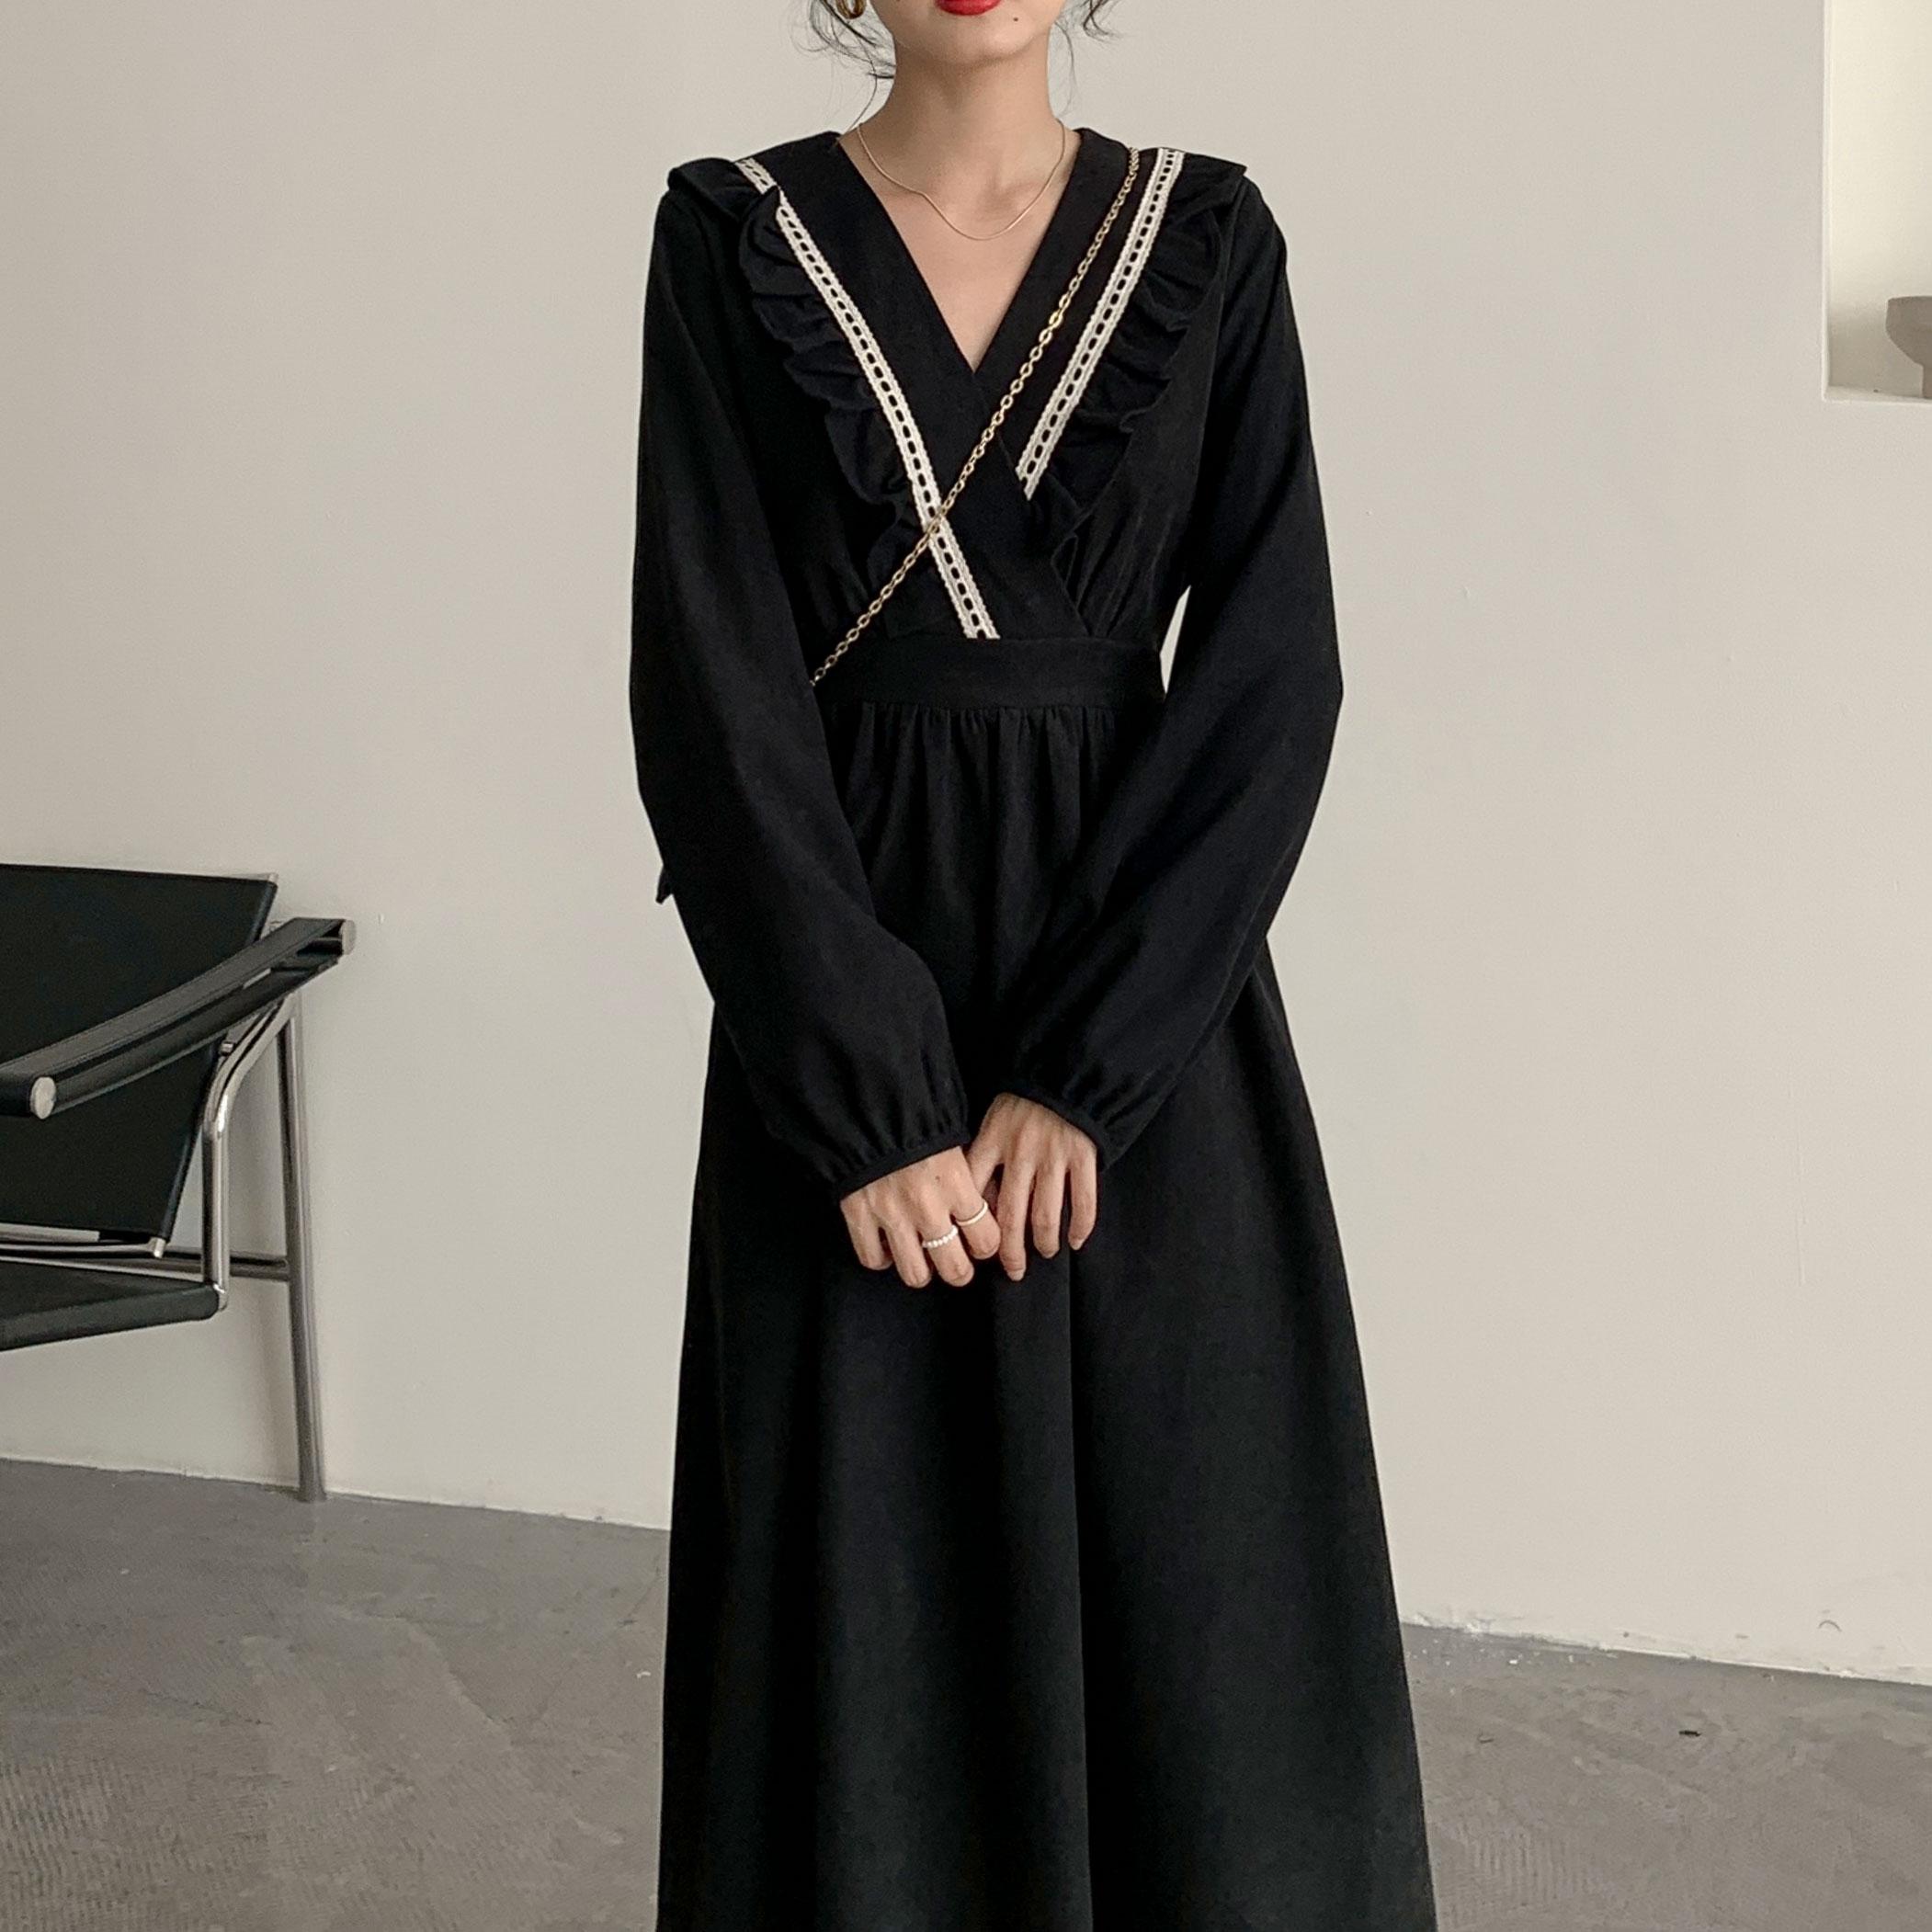 秋冬法式灯芯绒黑色收腰显瘦赫本风小黑裙打底内搭气质连衣裙子女